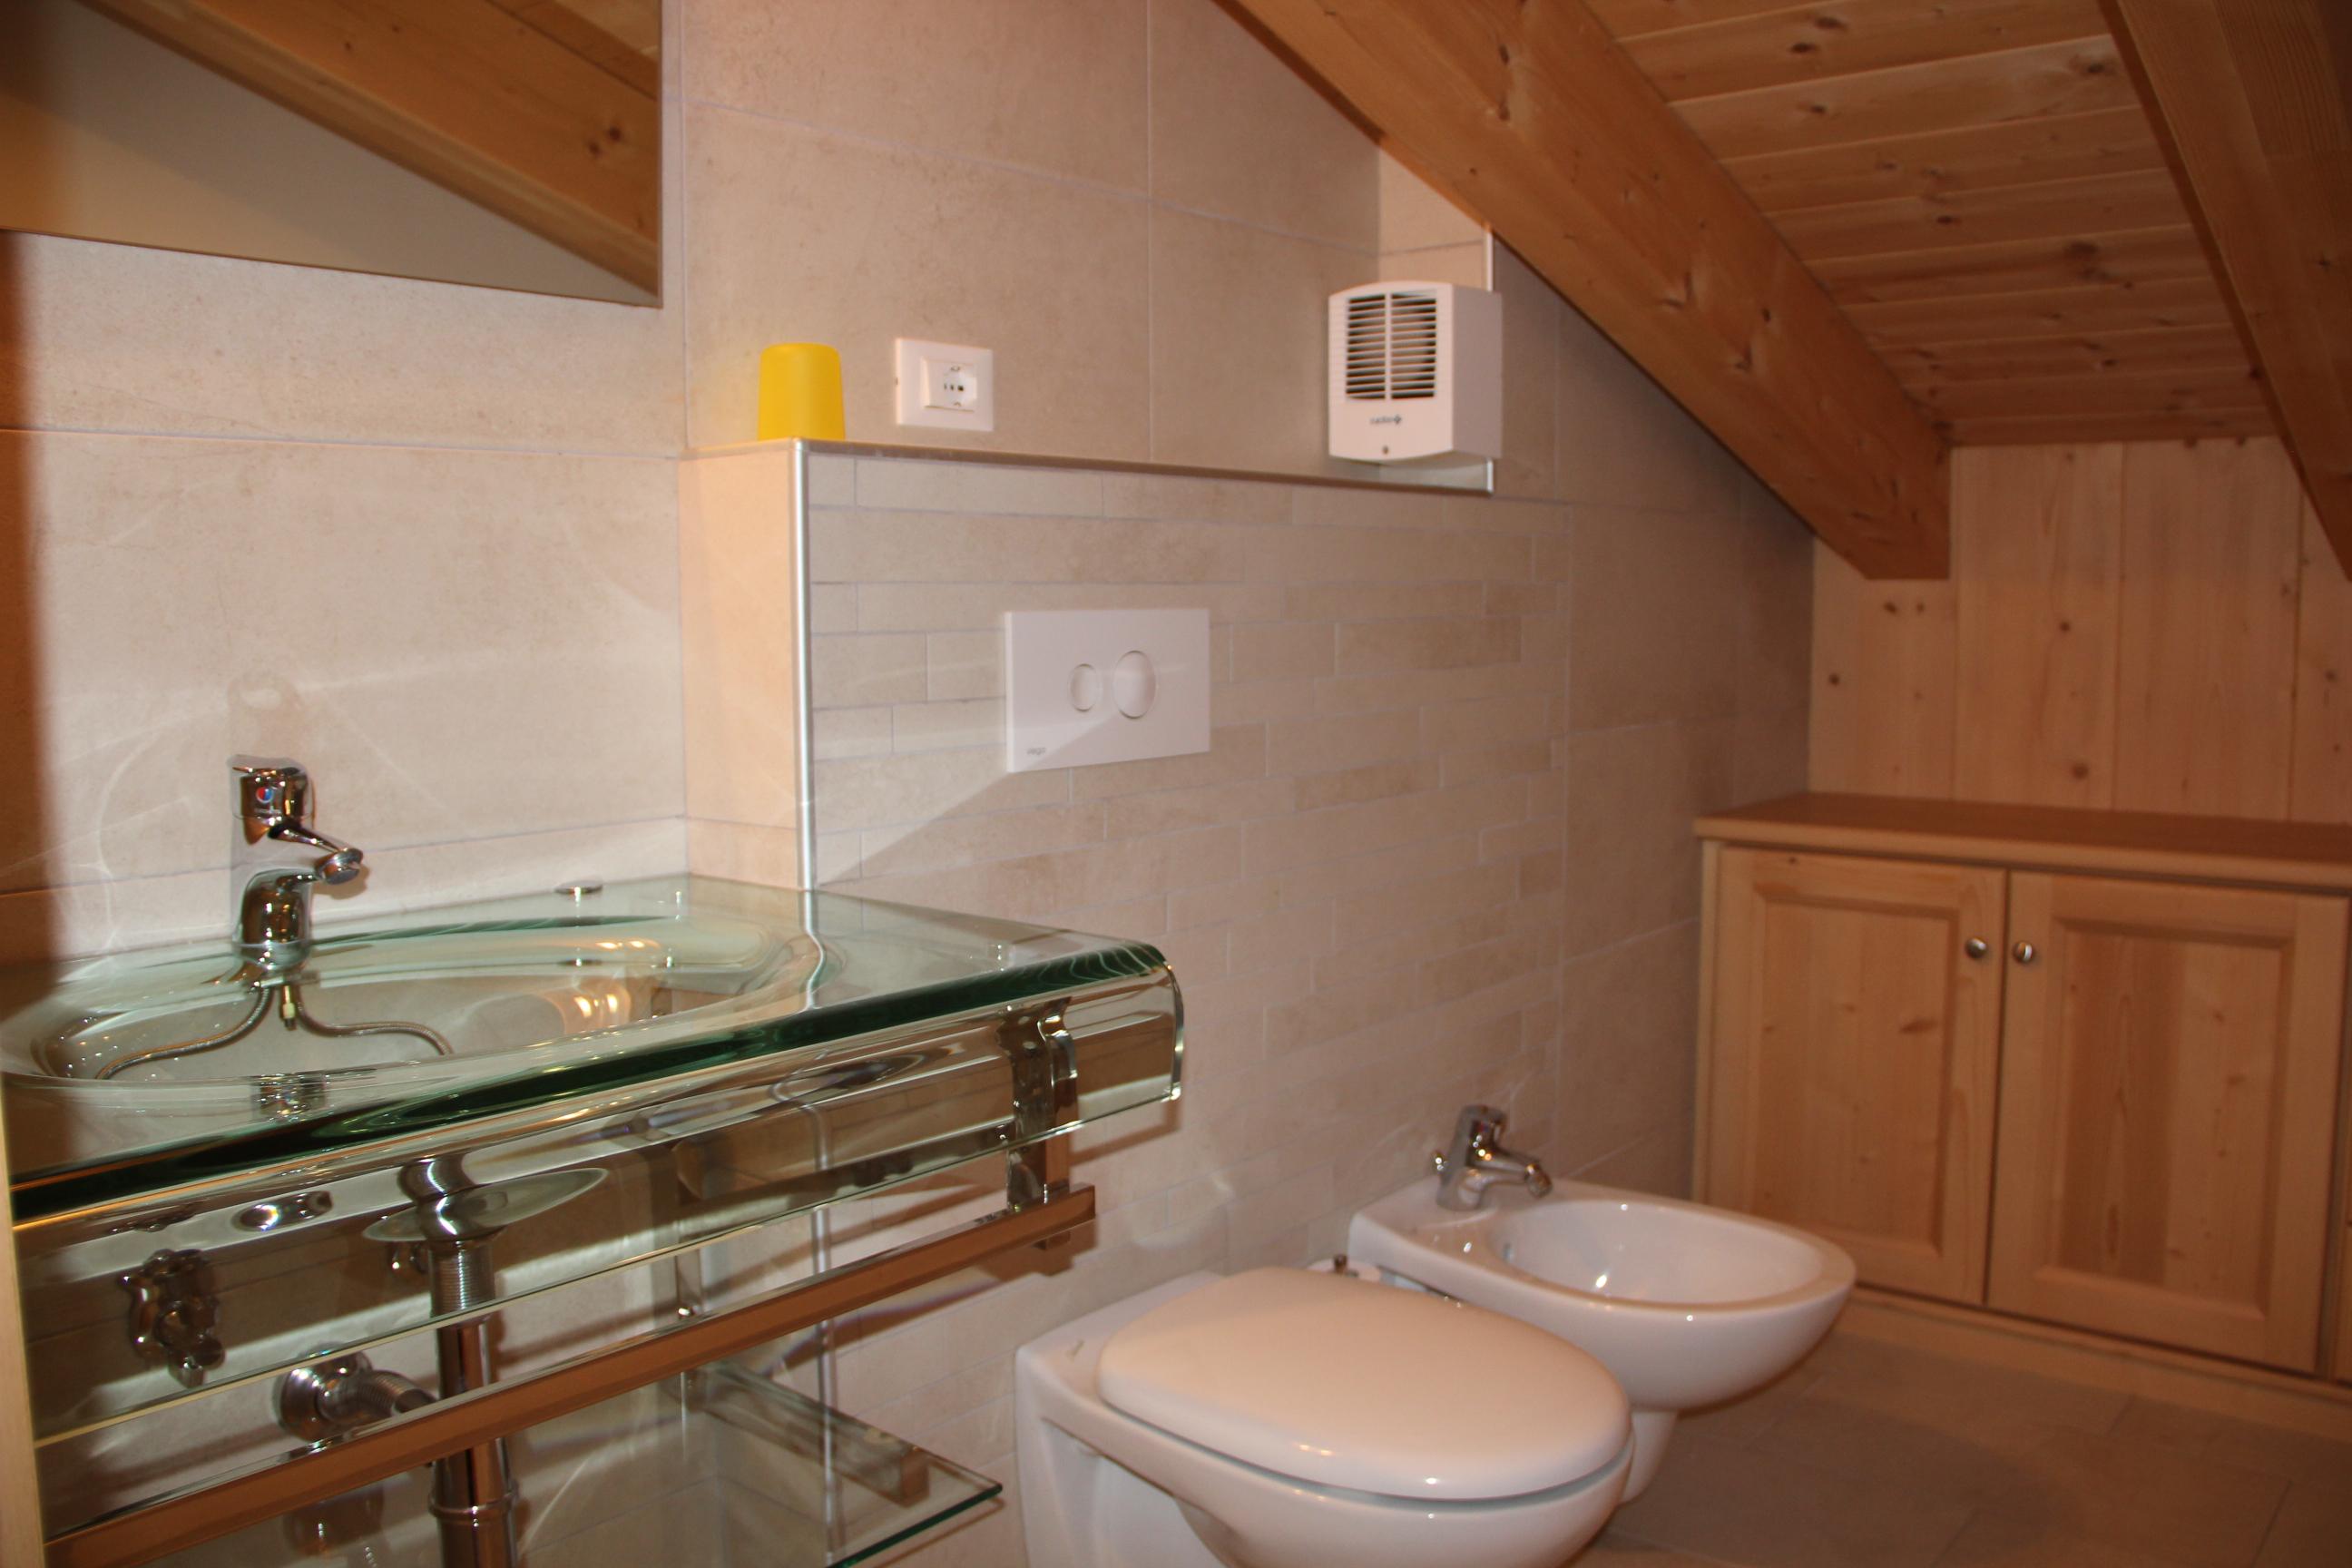 Casa alpenplick appartamenti kratter sappada dolomiti - Webcam bagno gioiello ...